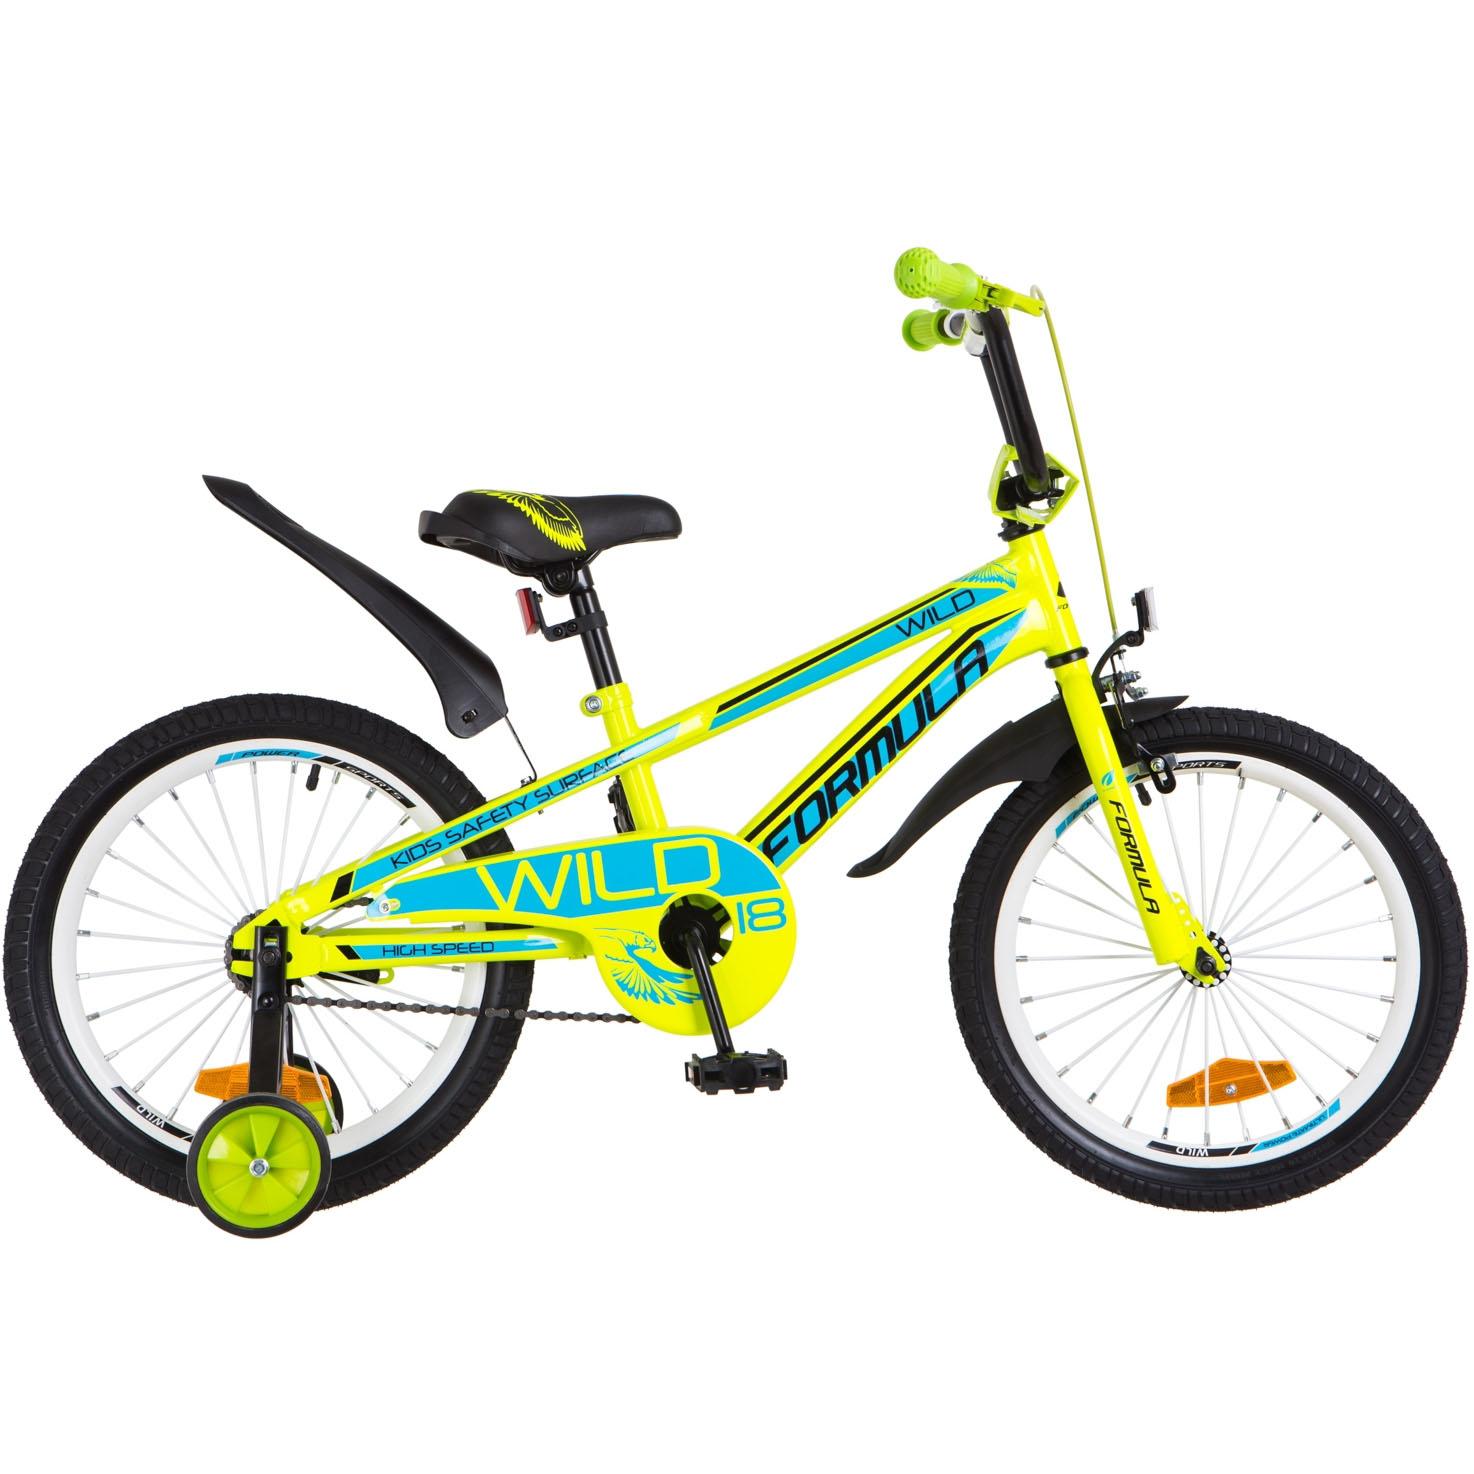 Фото Детский Велосипед 18 FORMULA WILD салатно-синий 2018